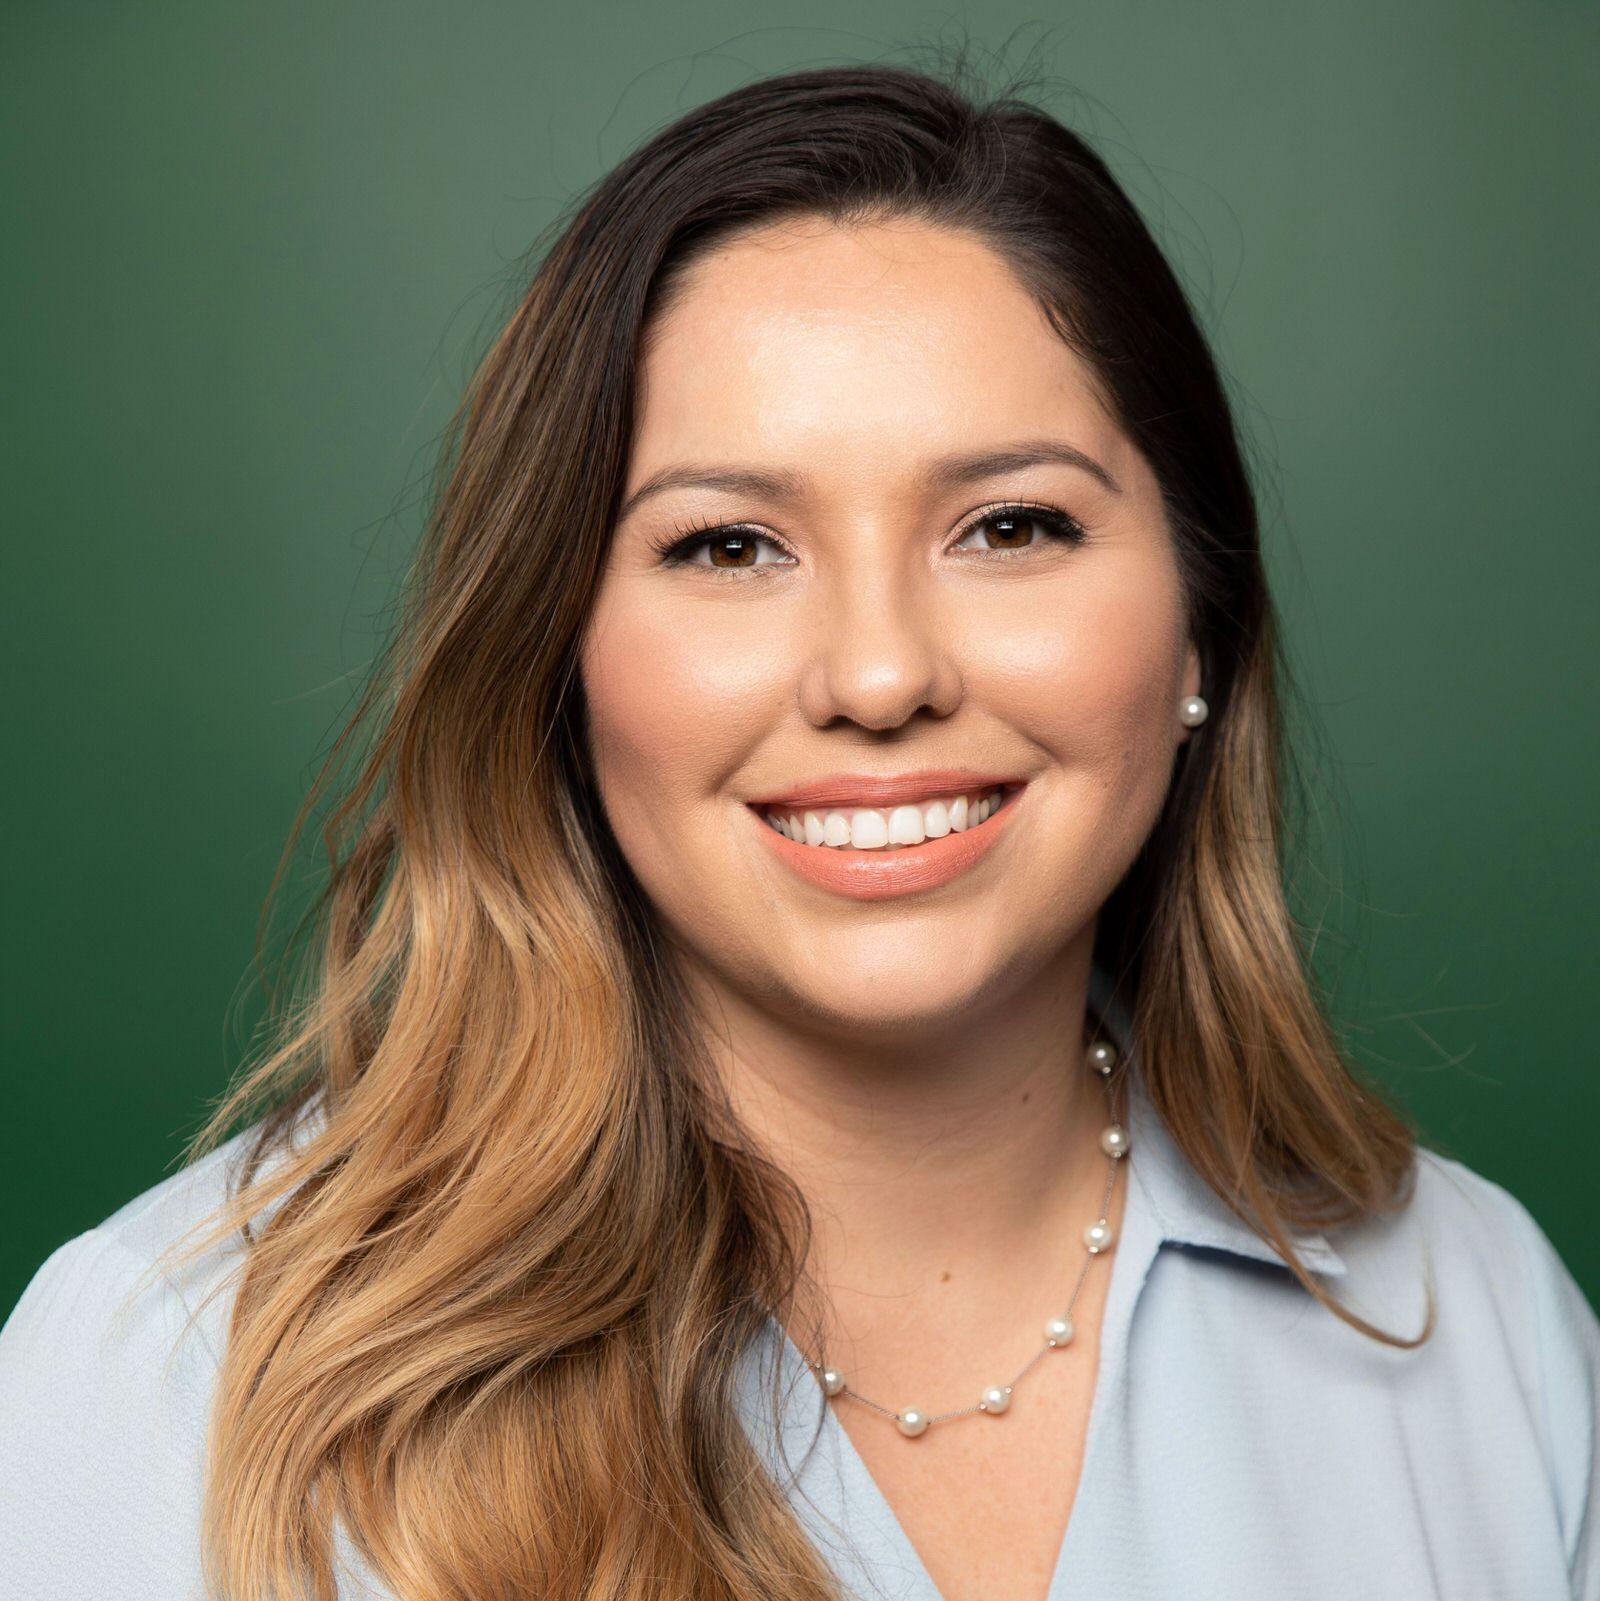 Samantha Marquez